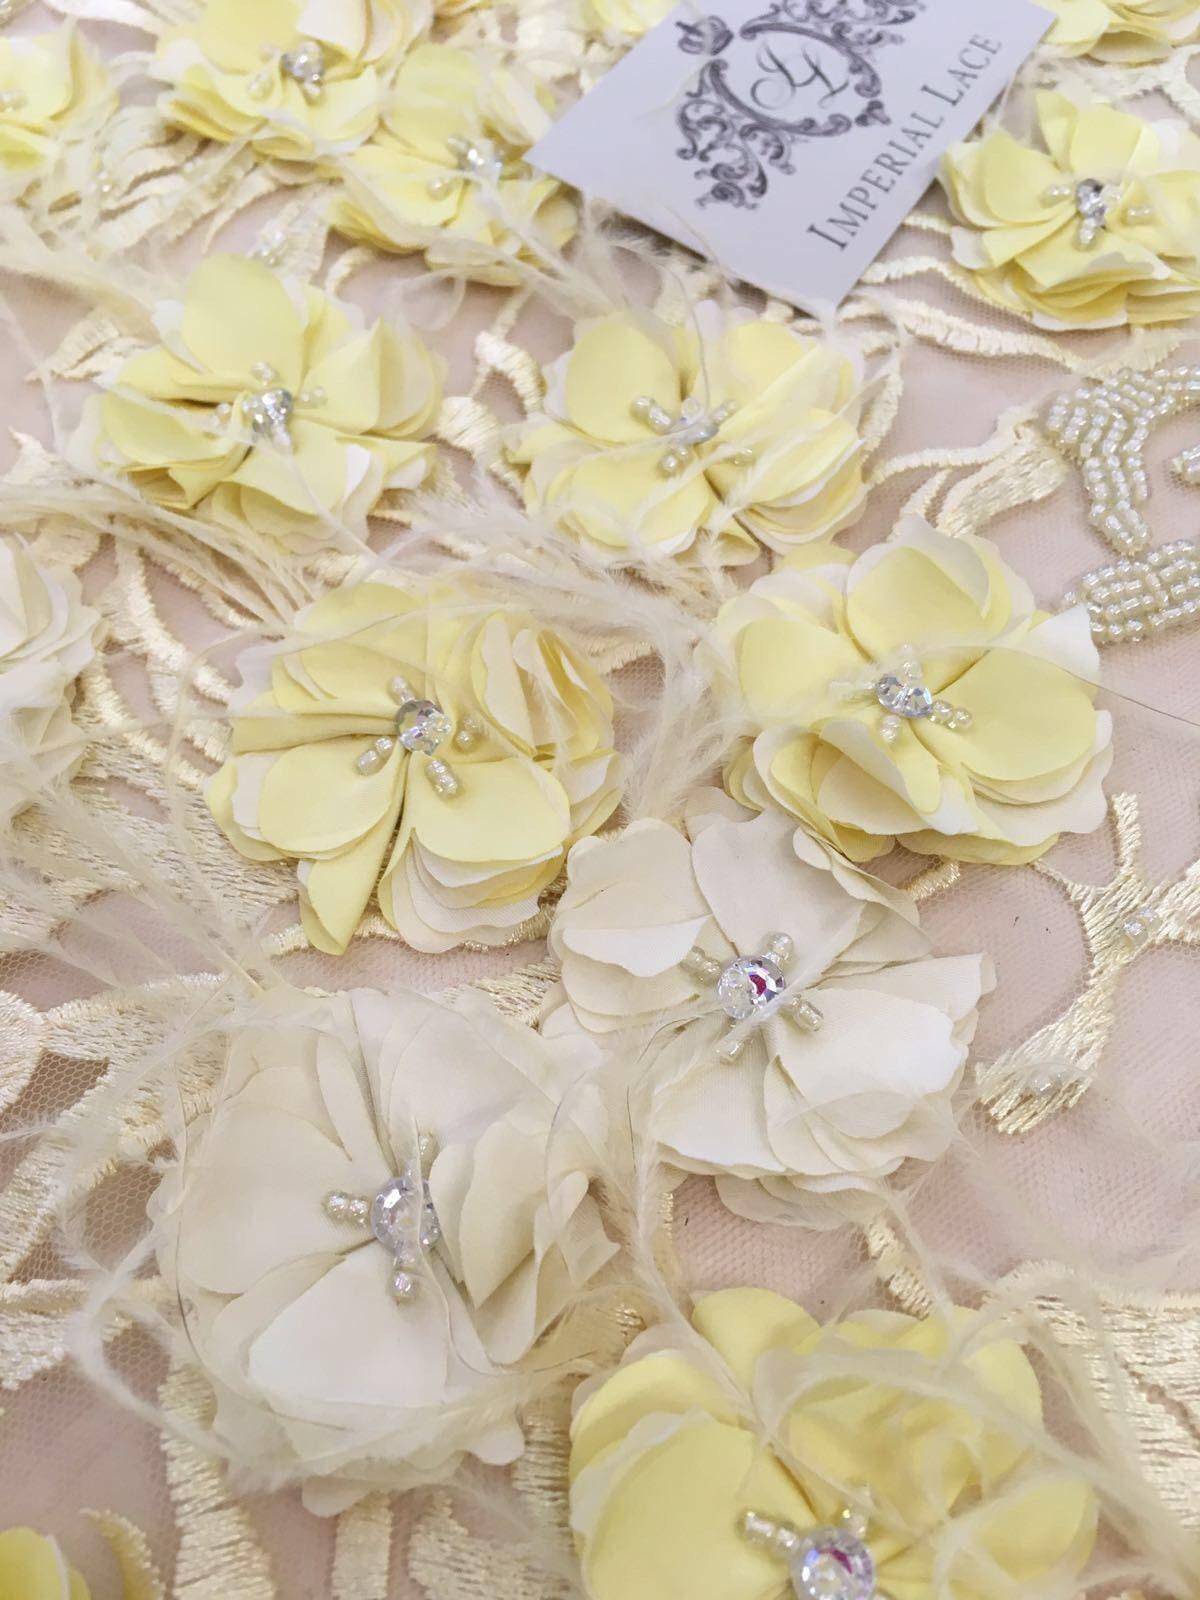 Plumes de tissu jaune 3D dentelle perlé perle dentelle, dentelle, dentelle, Spitzenstoff 3D, Français de voile de dentelle, dentelle de Lingerie, K00607 de dentelle de Chantilly 97dba8